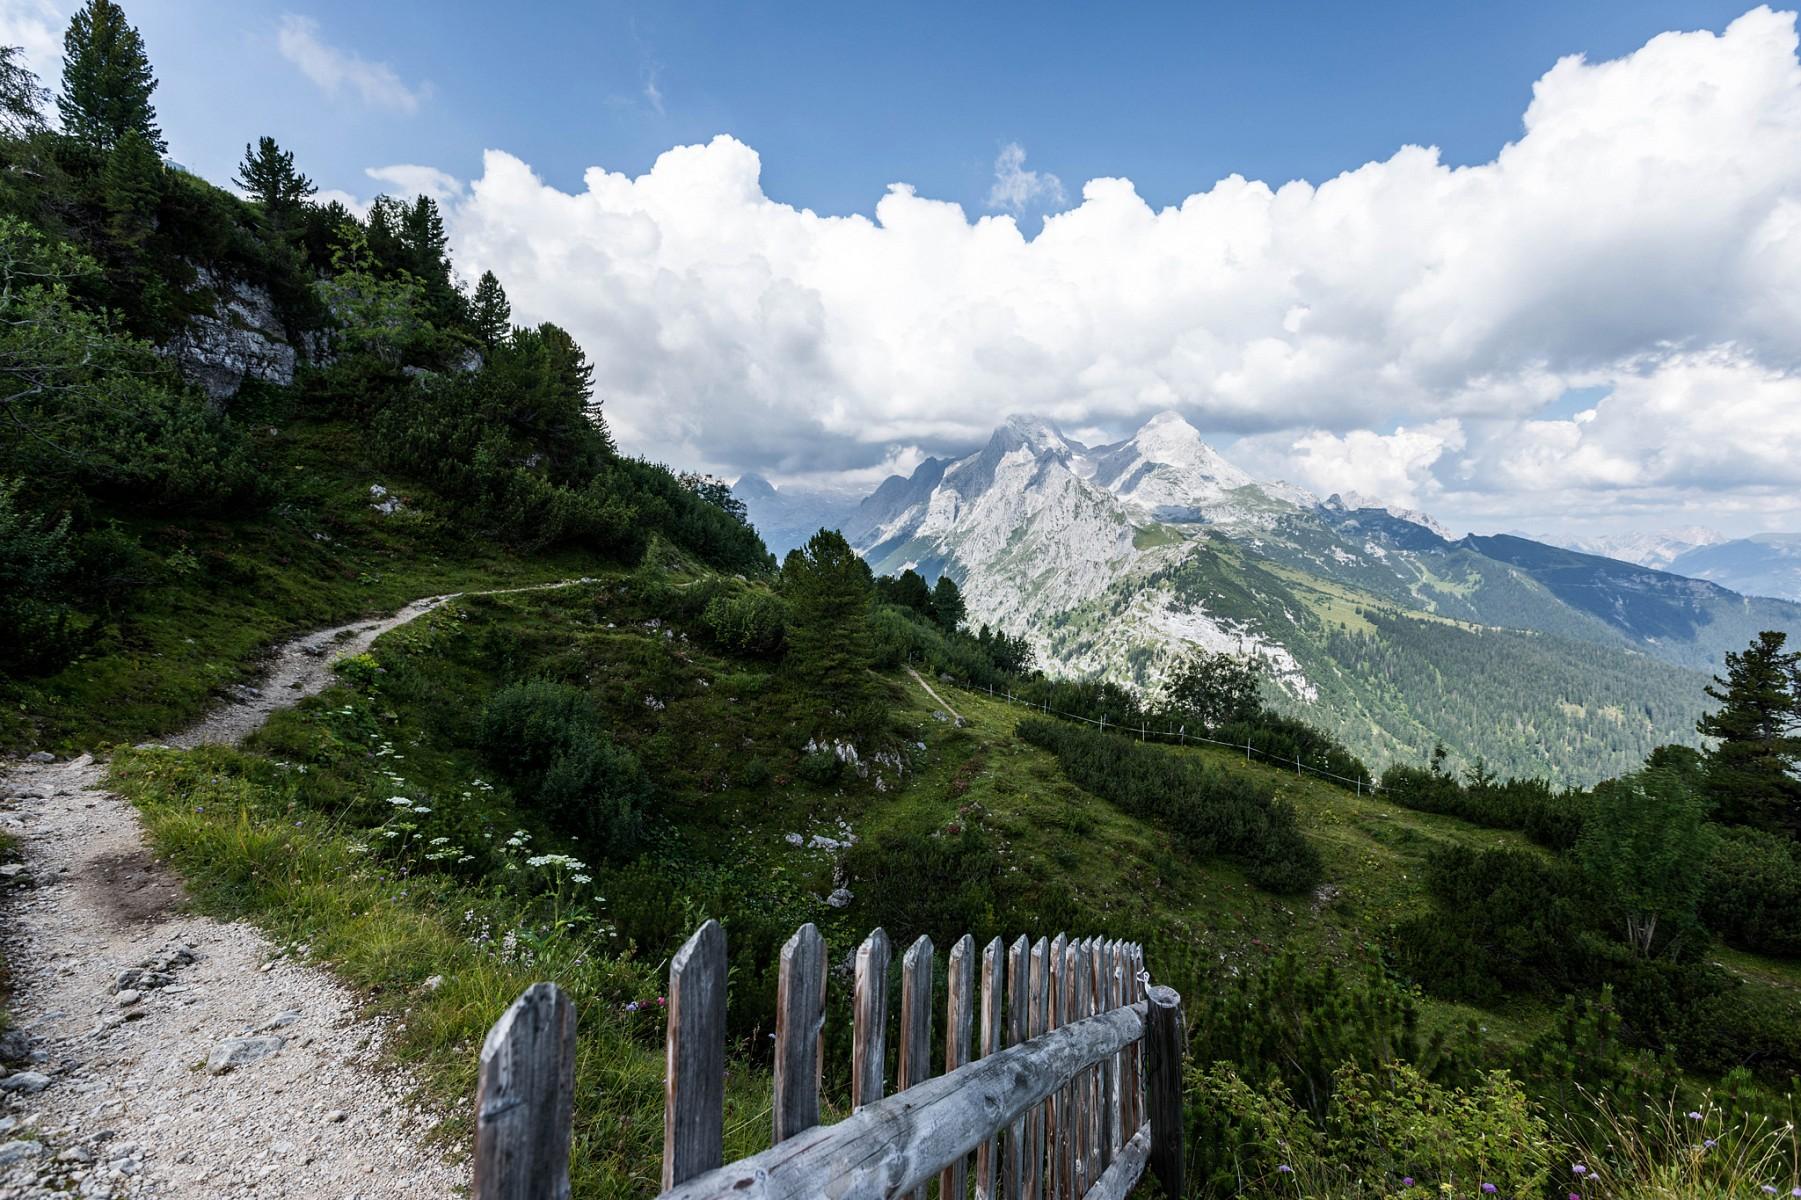 pAuf-demnbspSchachen-im-Wettersteingebirge-fesselt-uns-dieser-Weitblick-uumlber-das-gesamte-Zugspitzmassivnbspp